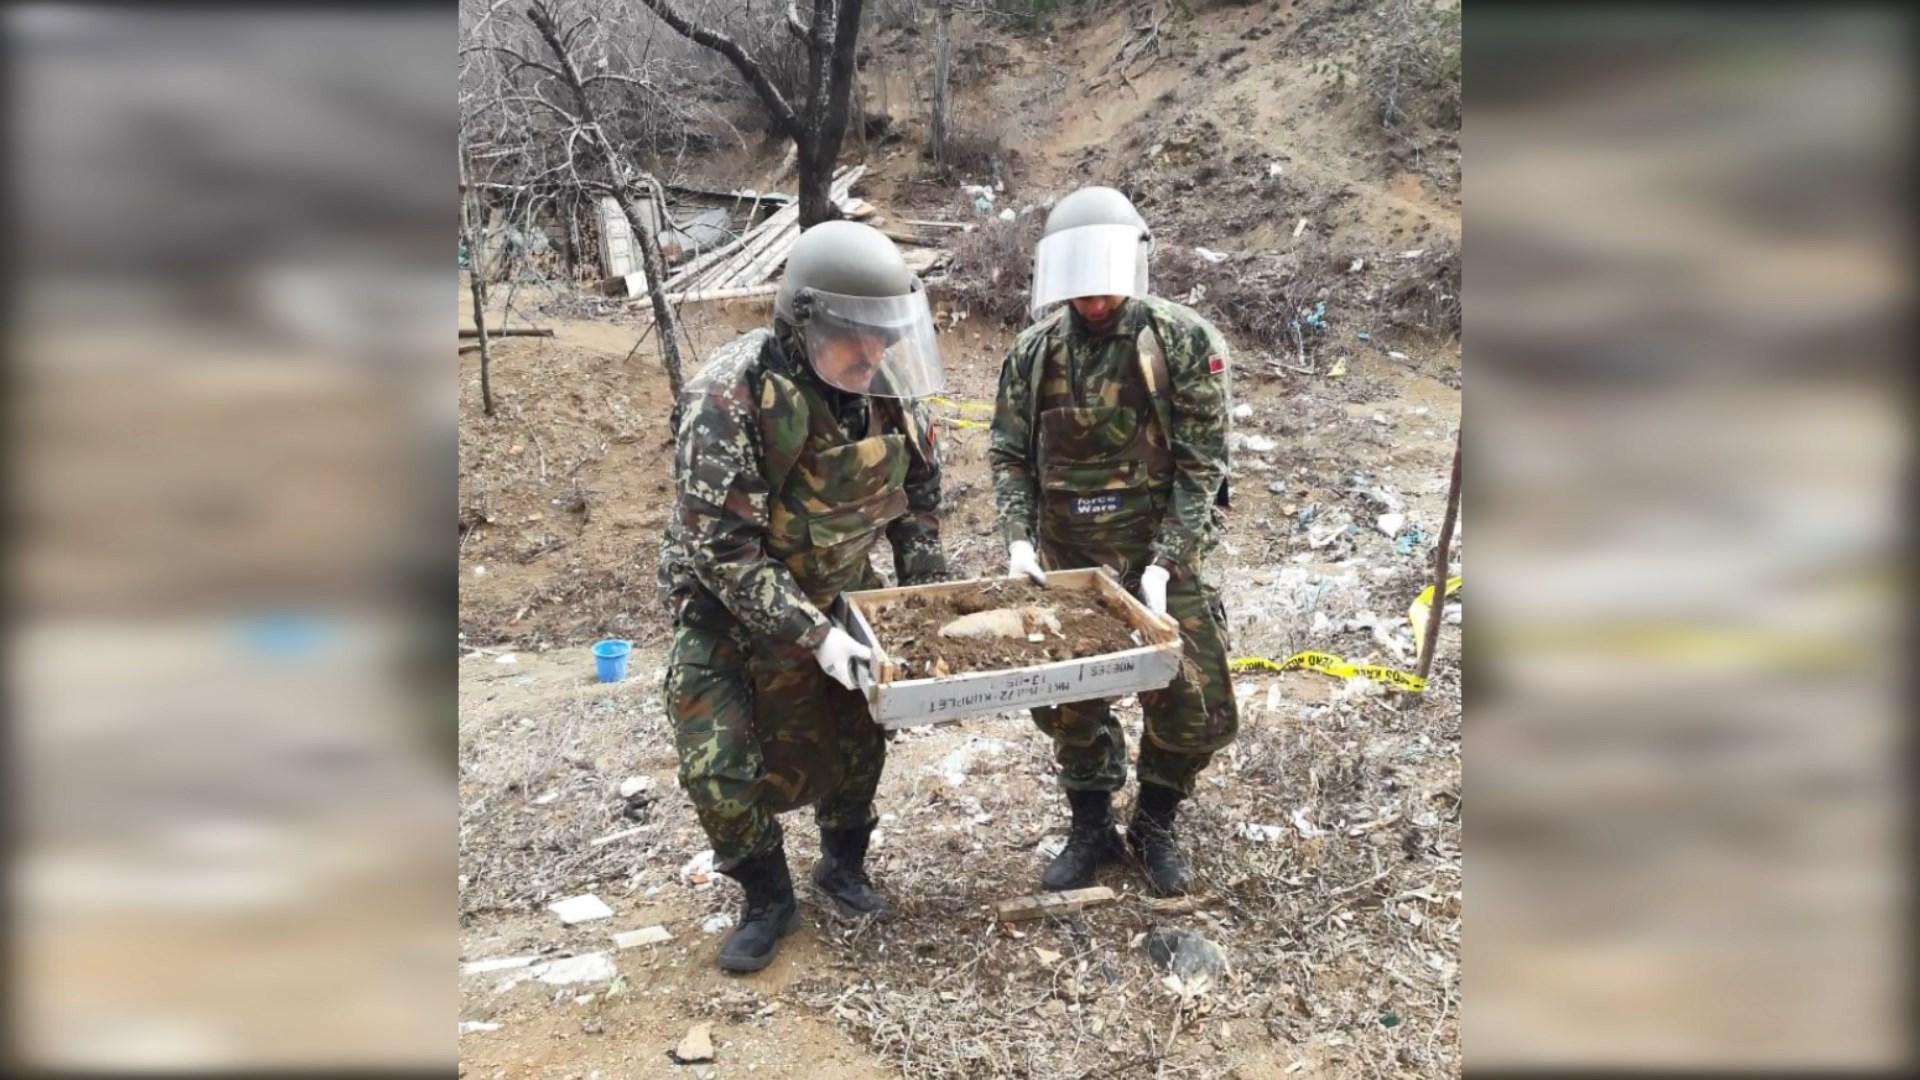 Zbulohen municione në Pukë, FA: Janë marrë nga depot gjatë '97